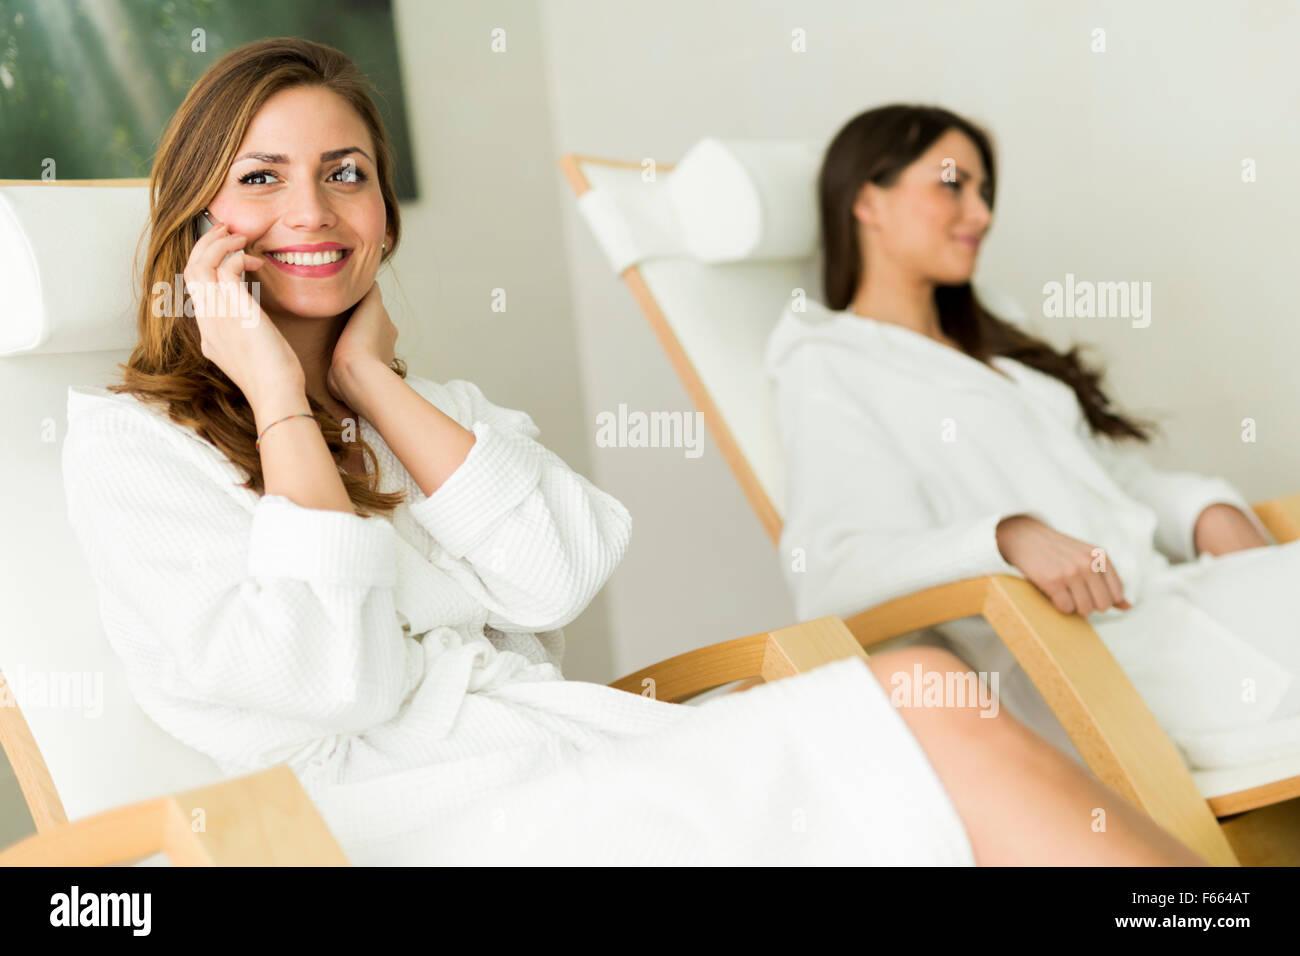 Joven y bella mujer de relax en un spa vistiendo ropas y hablar por teléfono Imagen De Stock